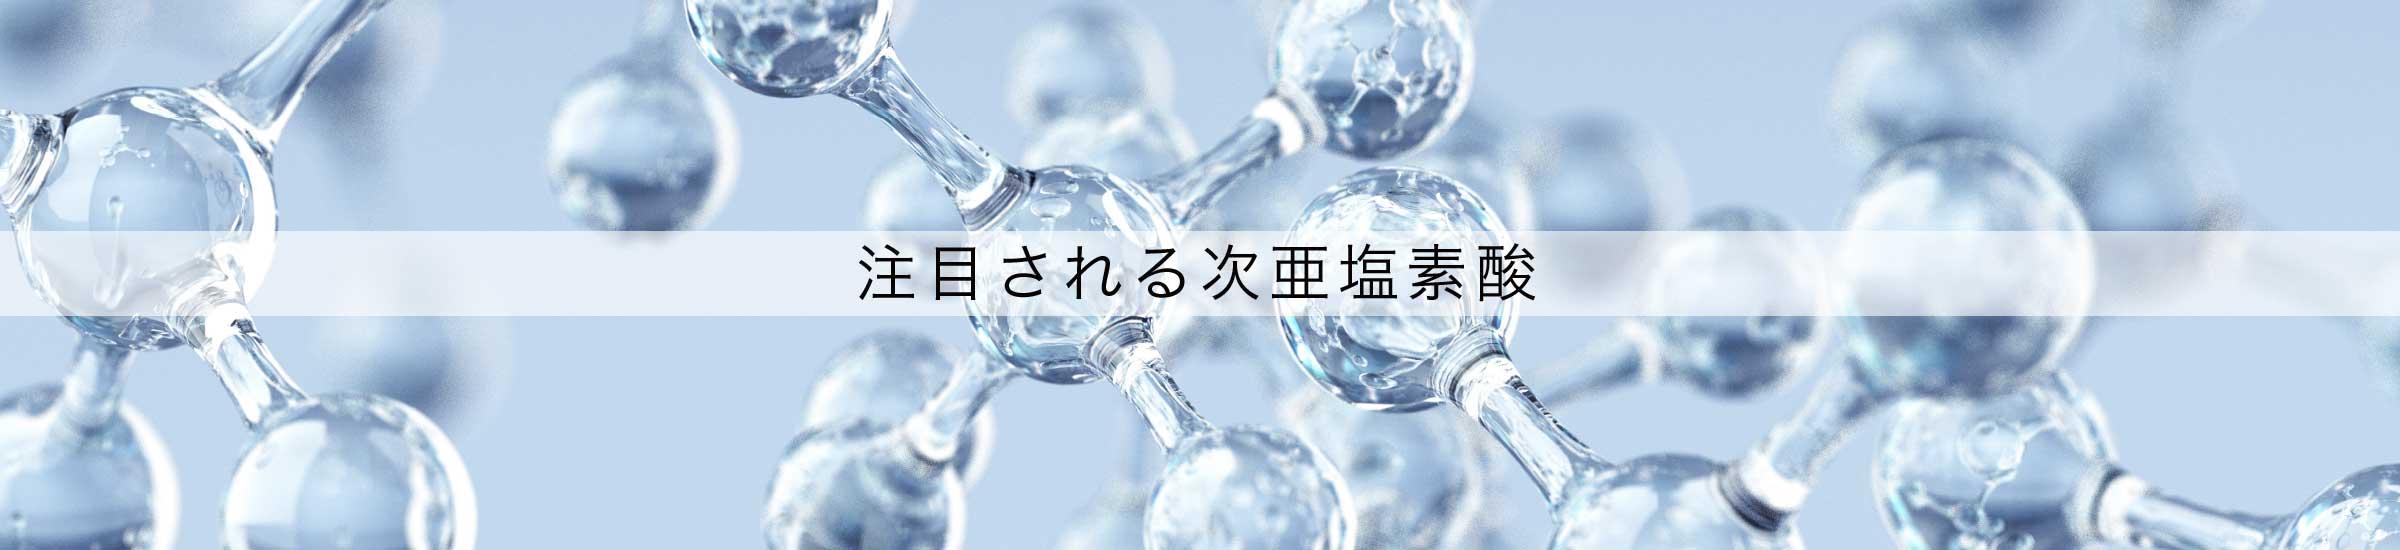 注目される次亜塩素酸